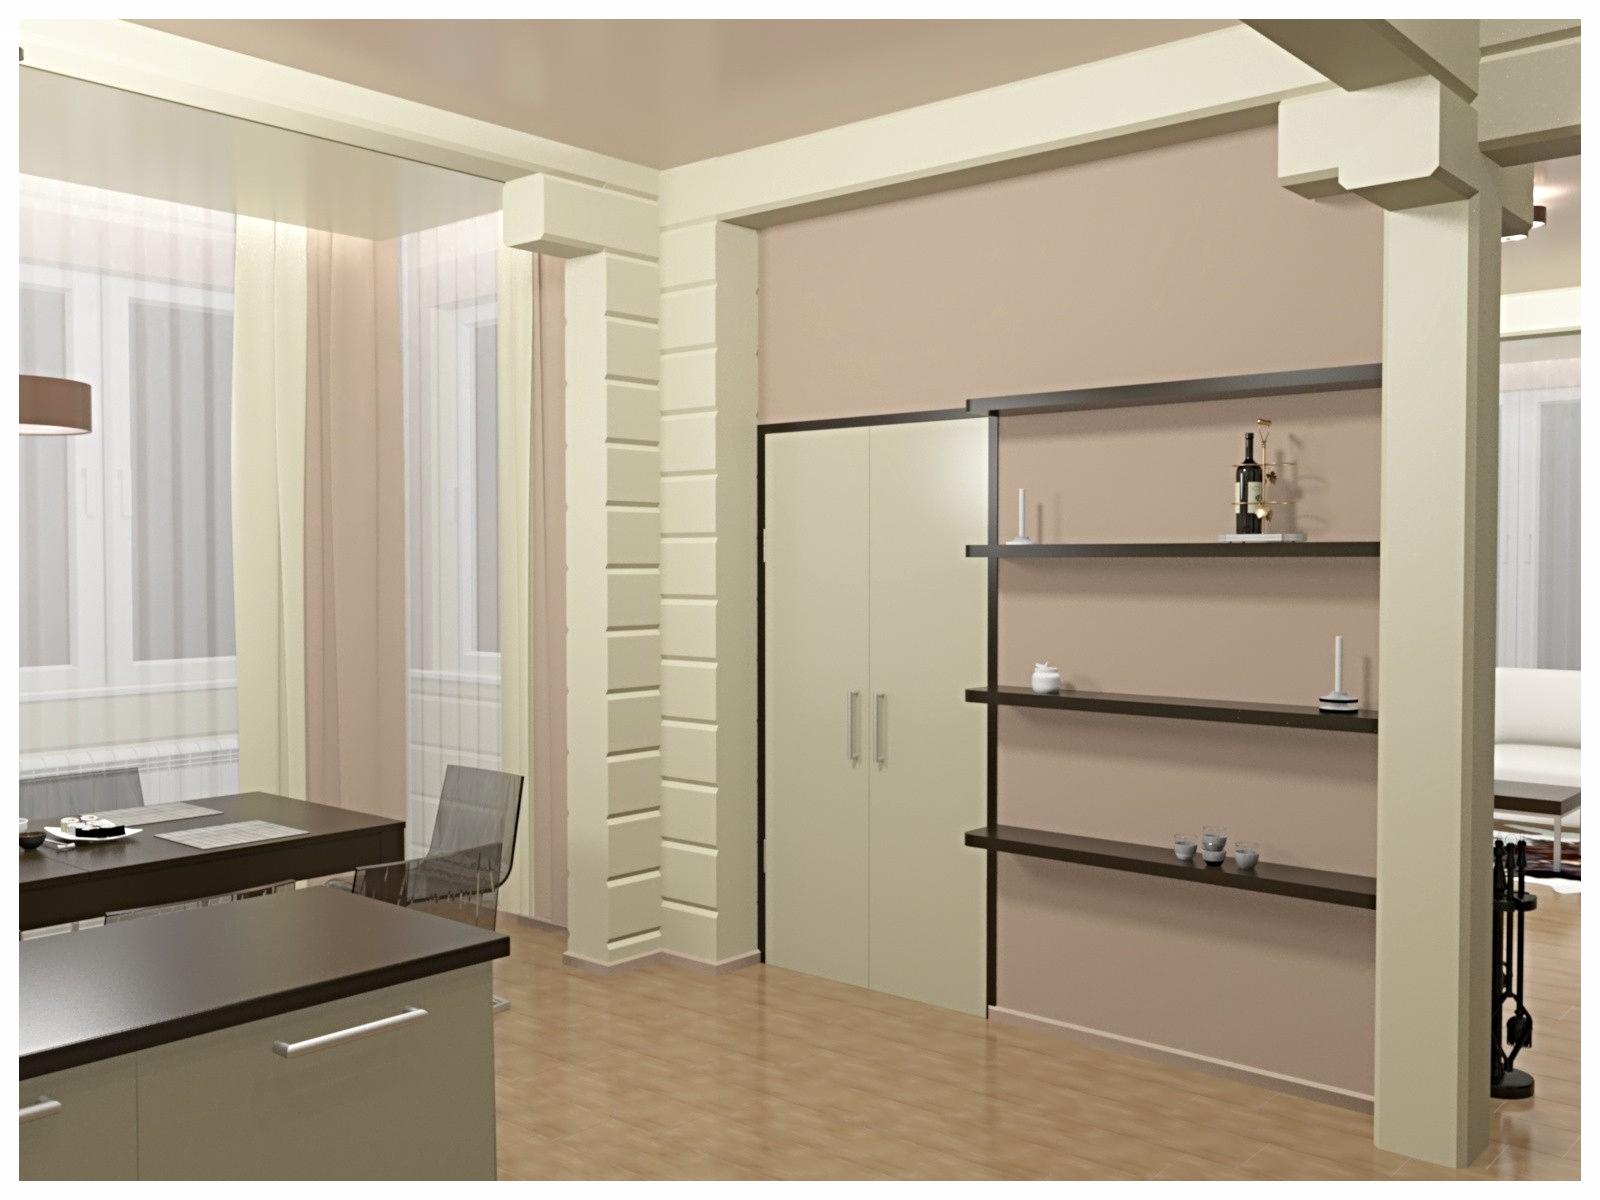 Дизайн интерьеров в коттедже из бруса по договору на дизайн проект. Стеллажи на кухне.